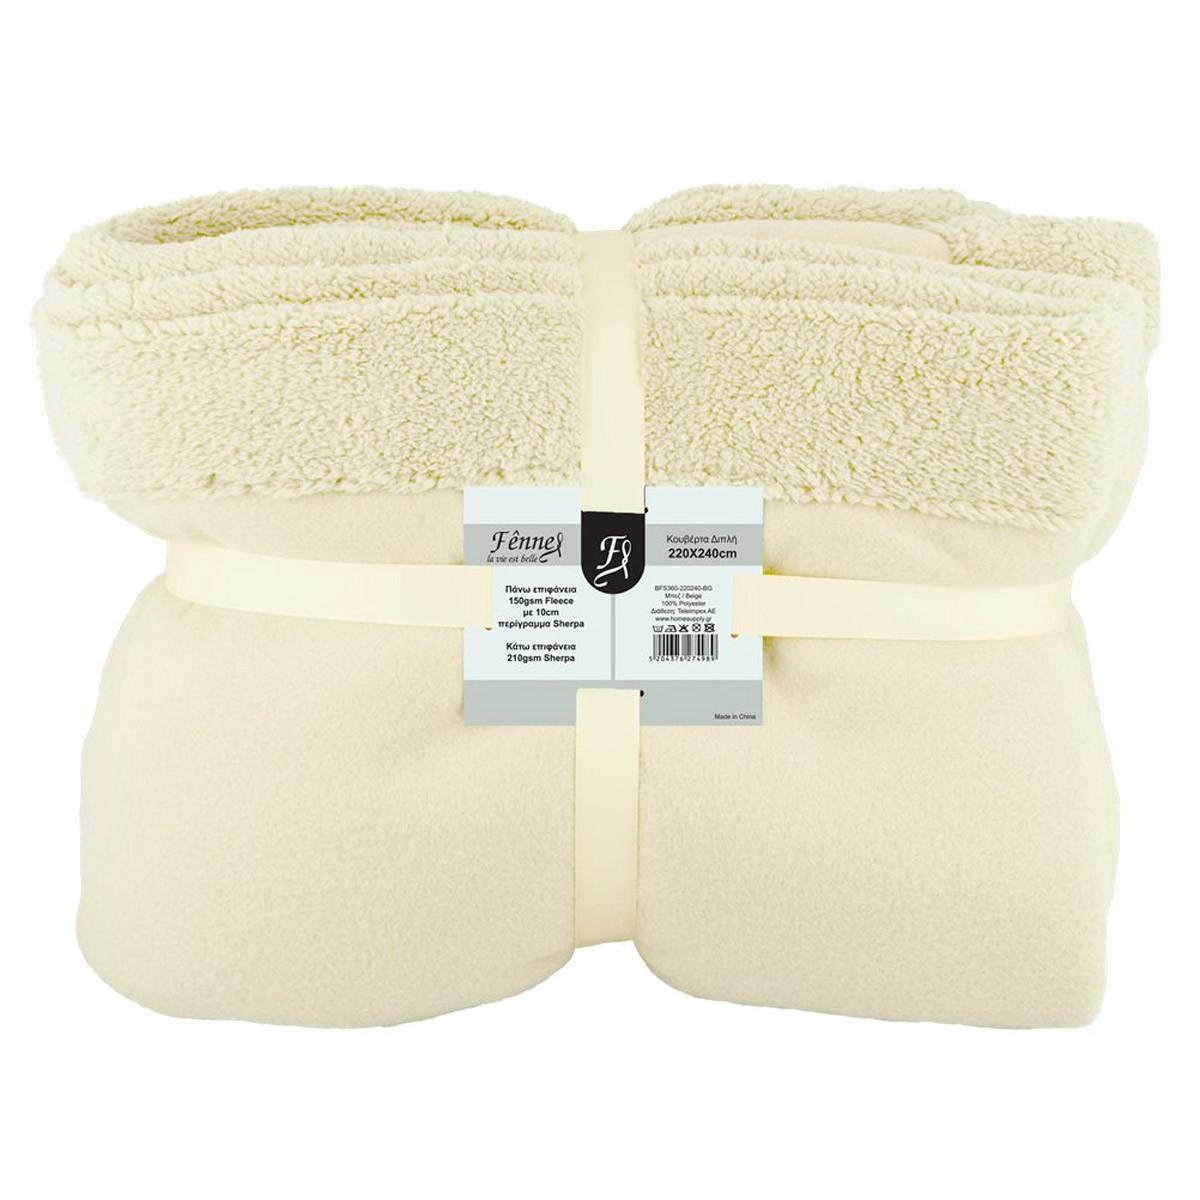 Κουβέρτα Fleece Υπέρδιπλη Fennel BFS360 Light Beige